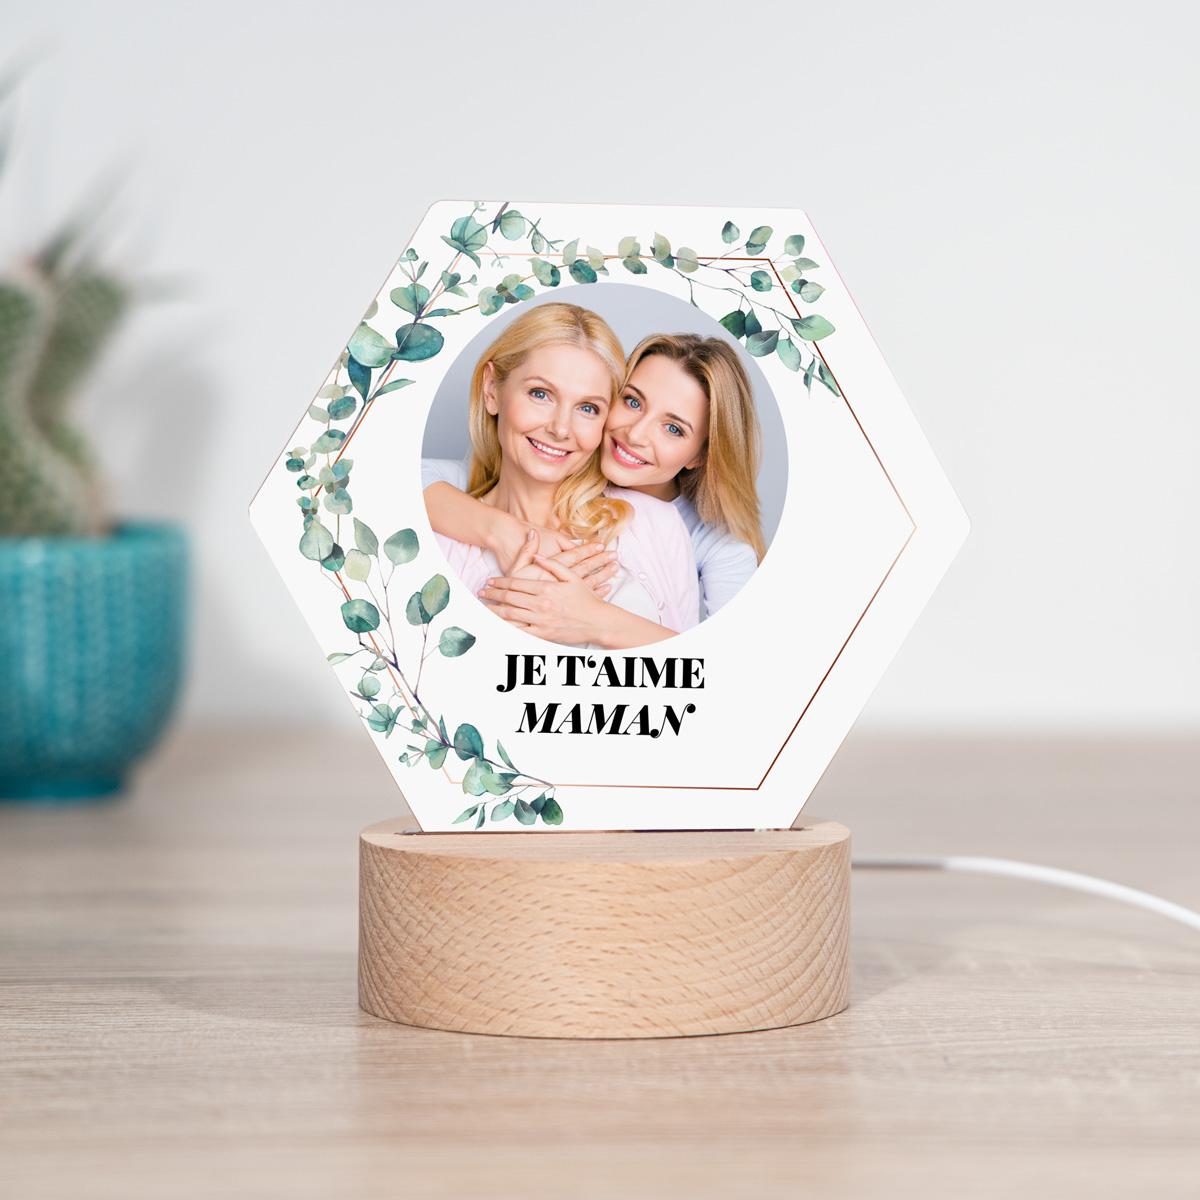 cadeau maman Lampe LED Hexagonale avec Photo et Texte